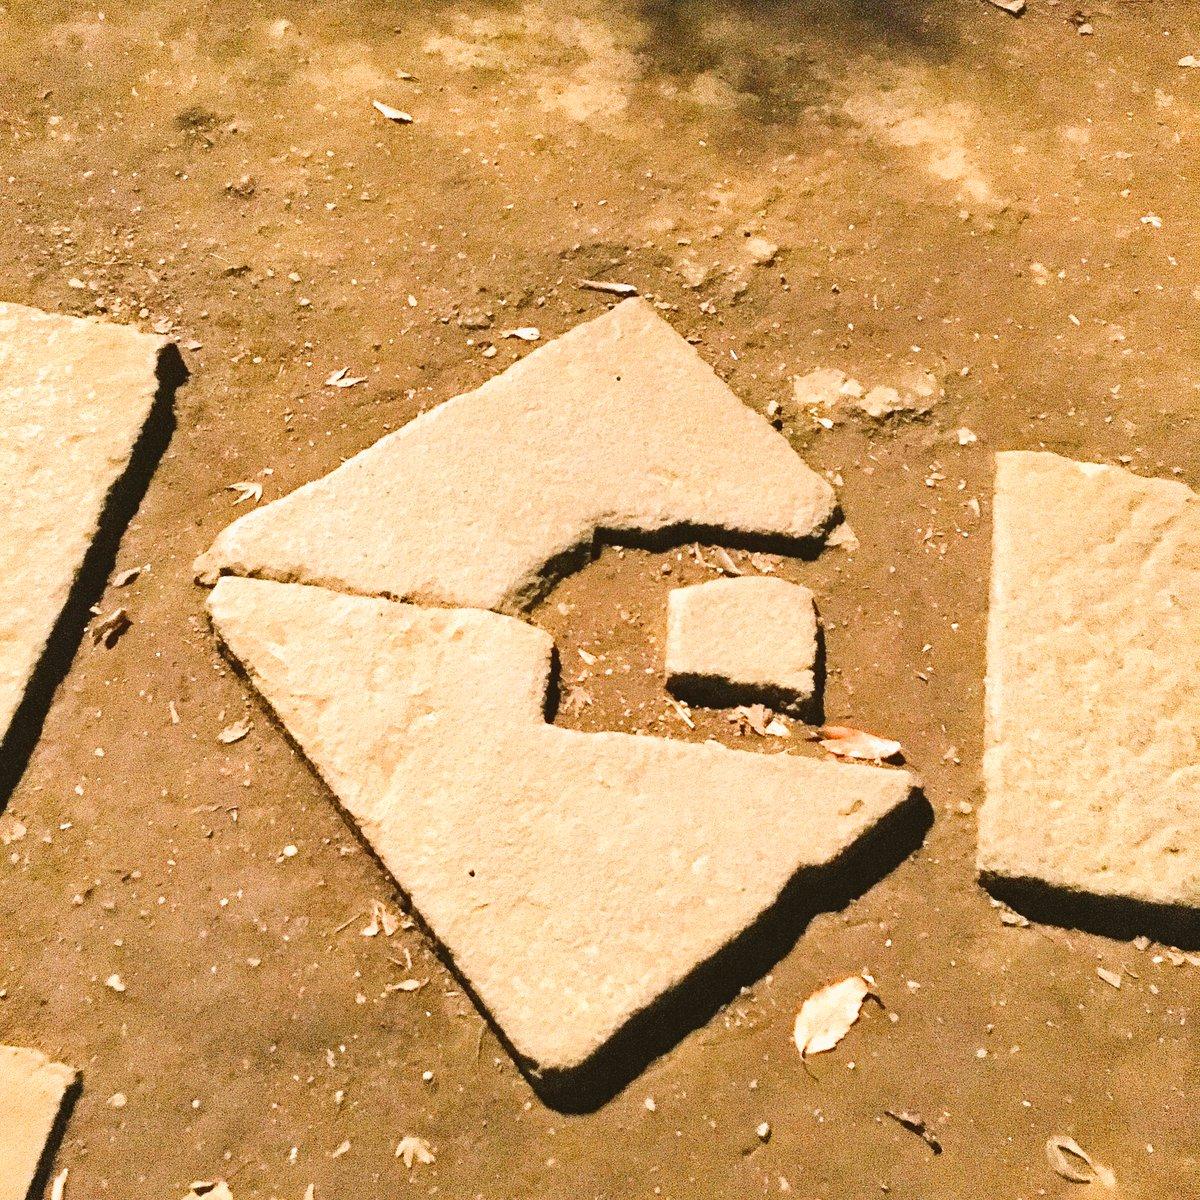 江戸の二大庭園と呼び名の高い六義園内、徳川時代からCubaseが存在した揺るぎない証拠を発見 https://t.co/JKWBF5s3F2